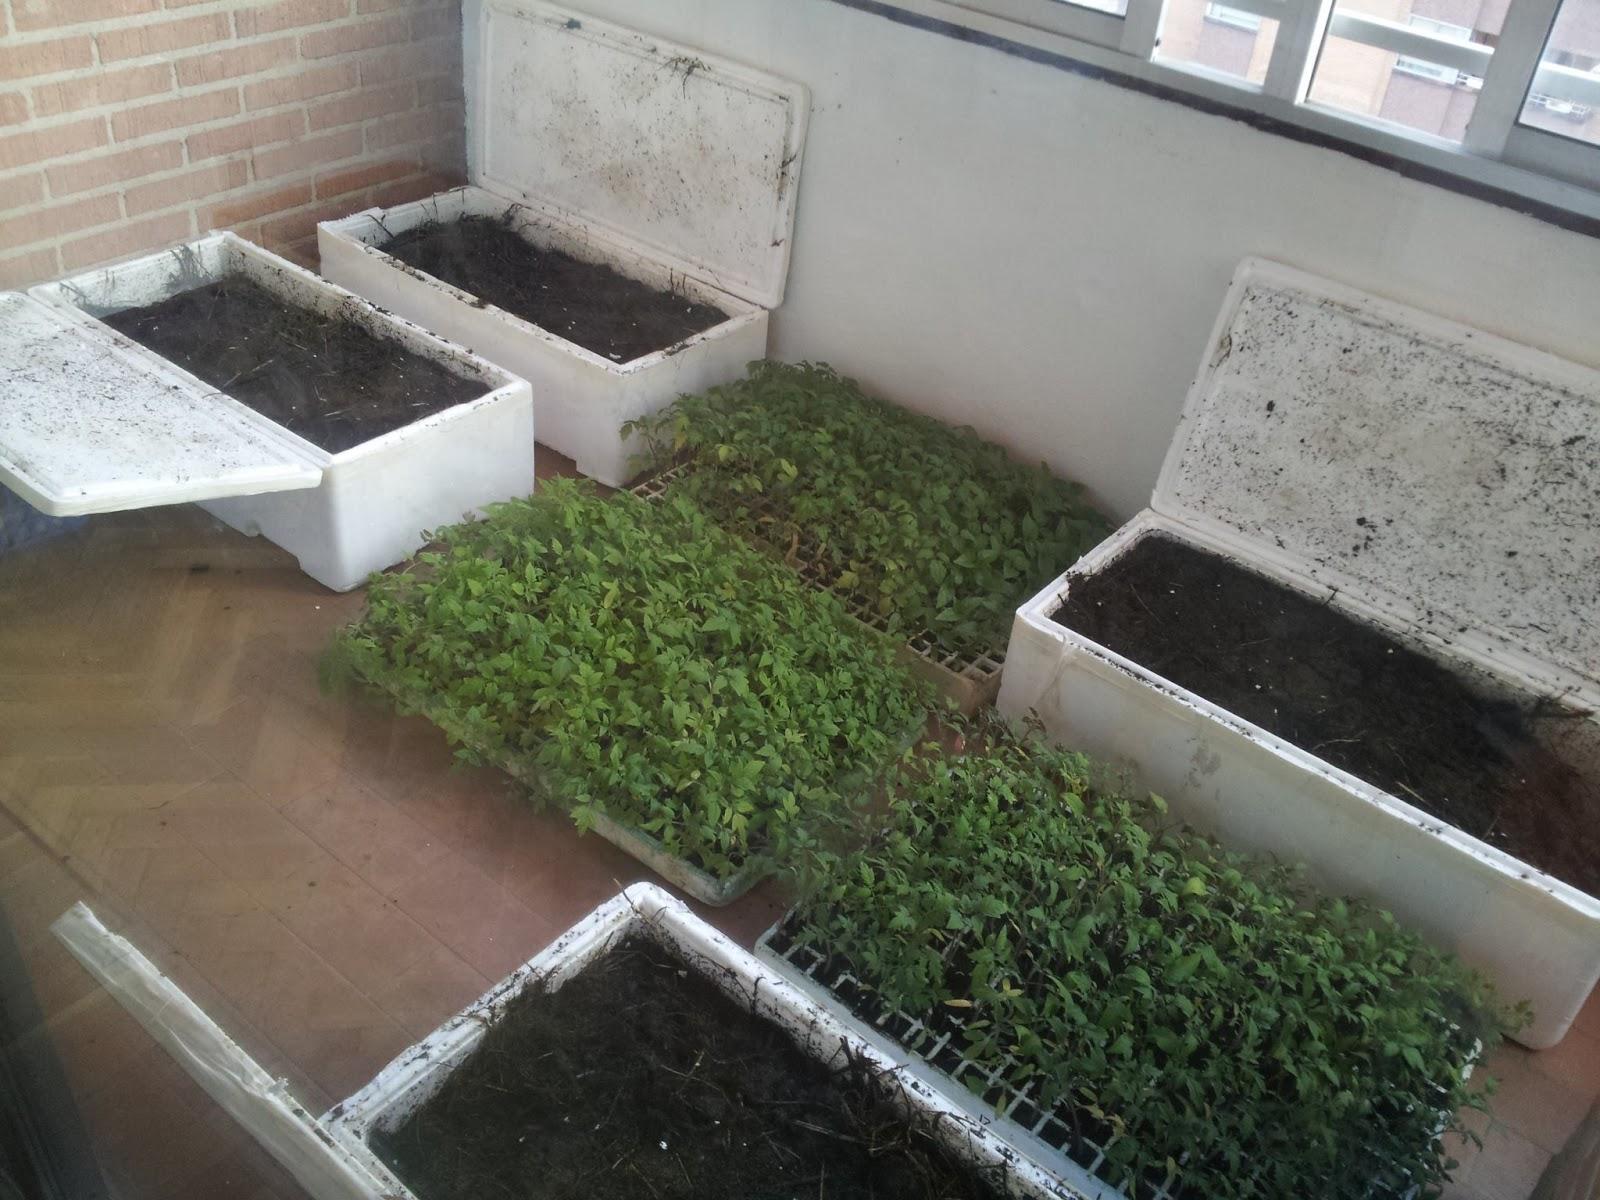 La regadera verde montando pl stico invernadero - Invernadero casero terraza ...